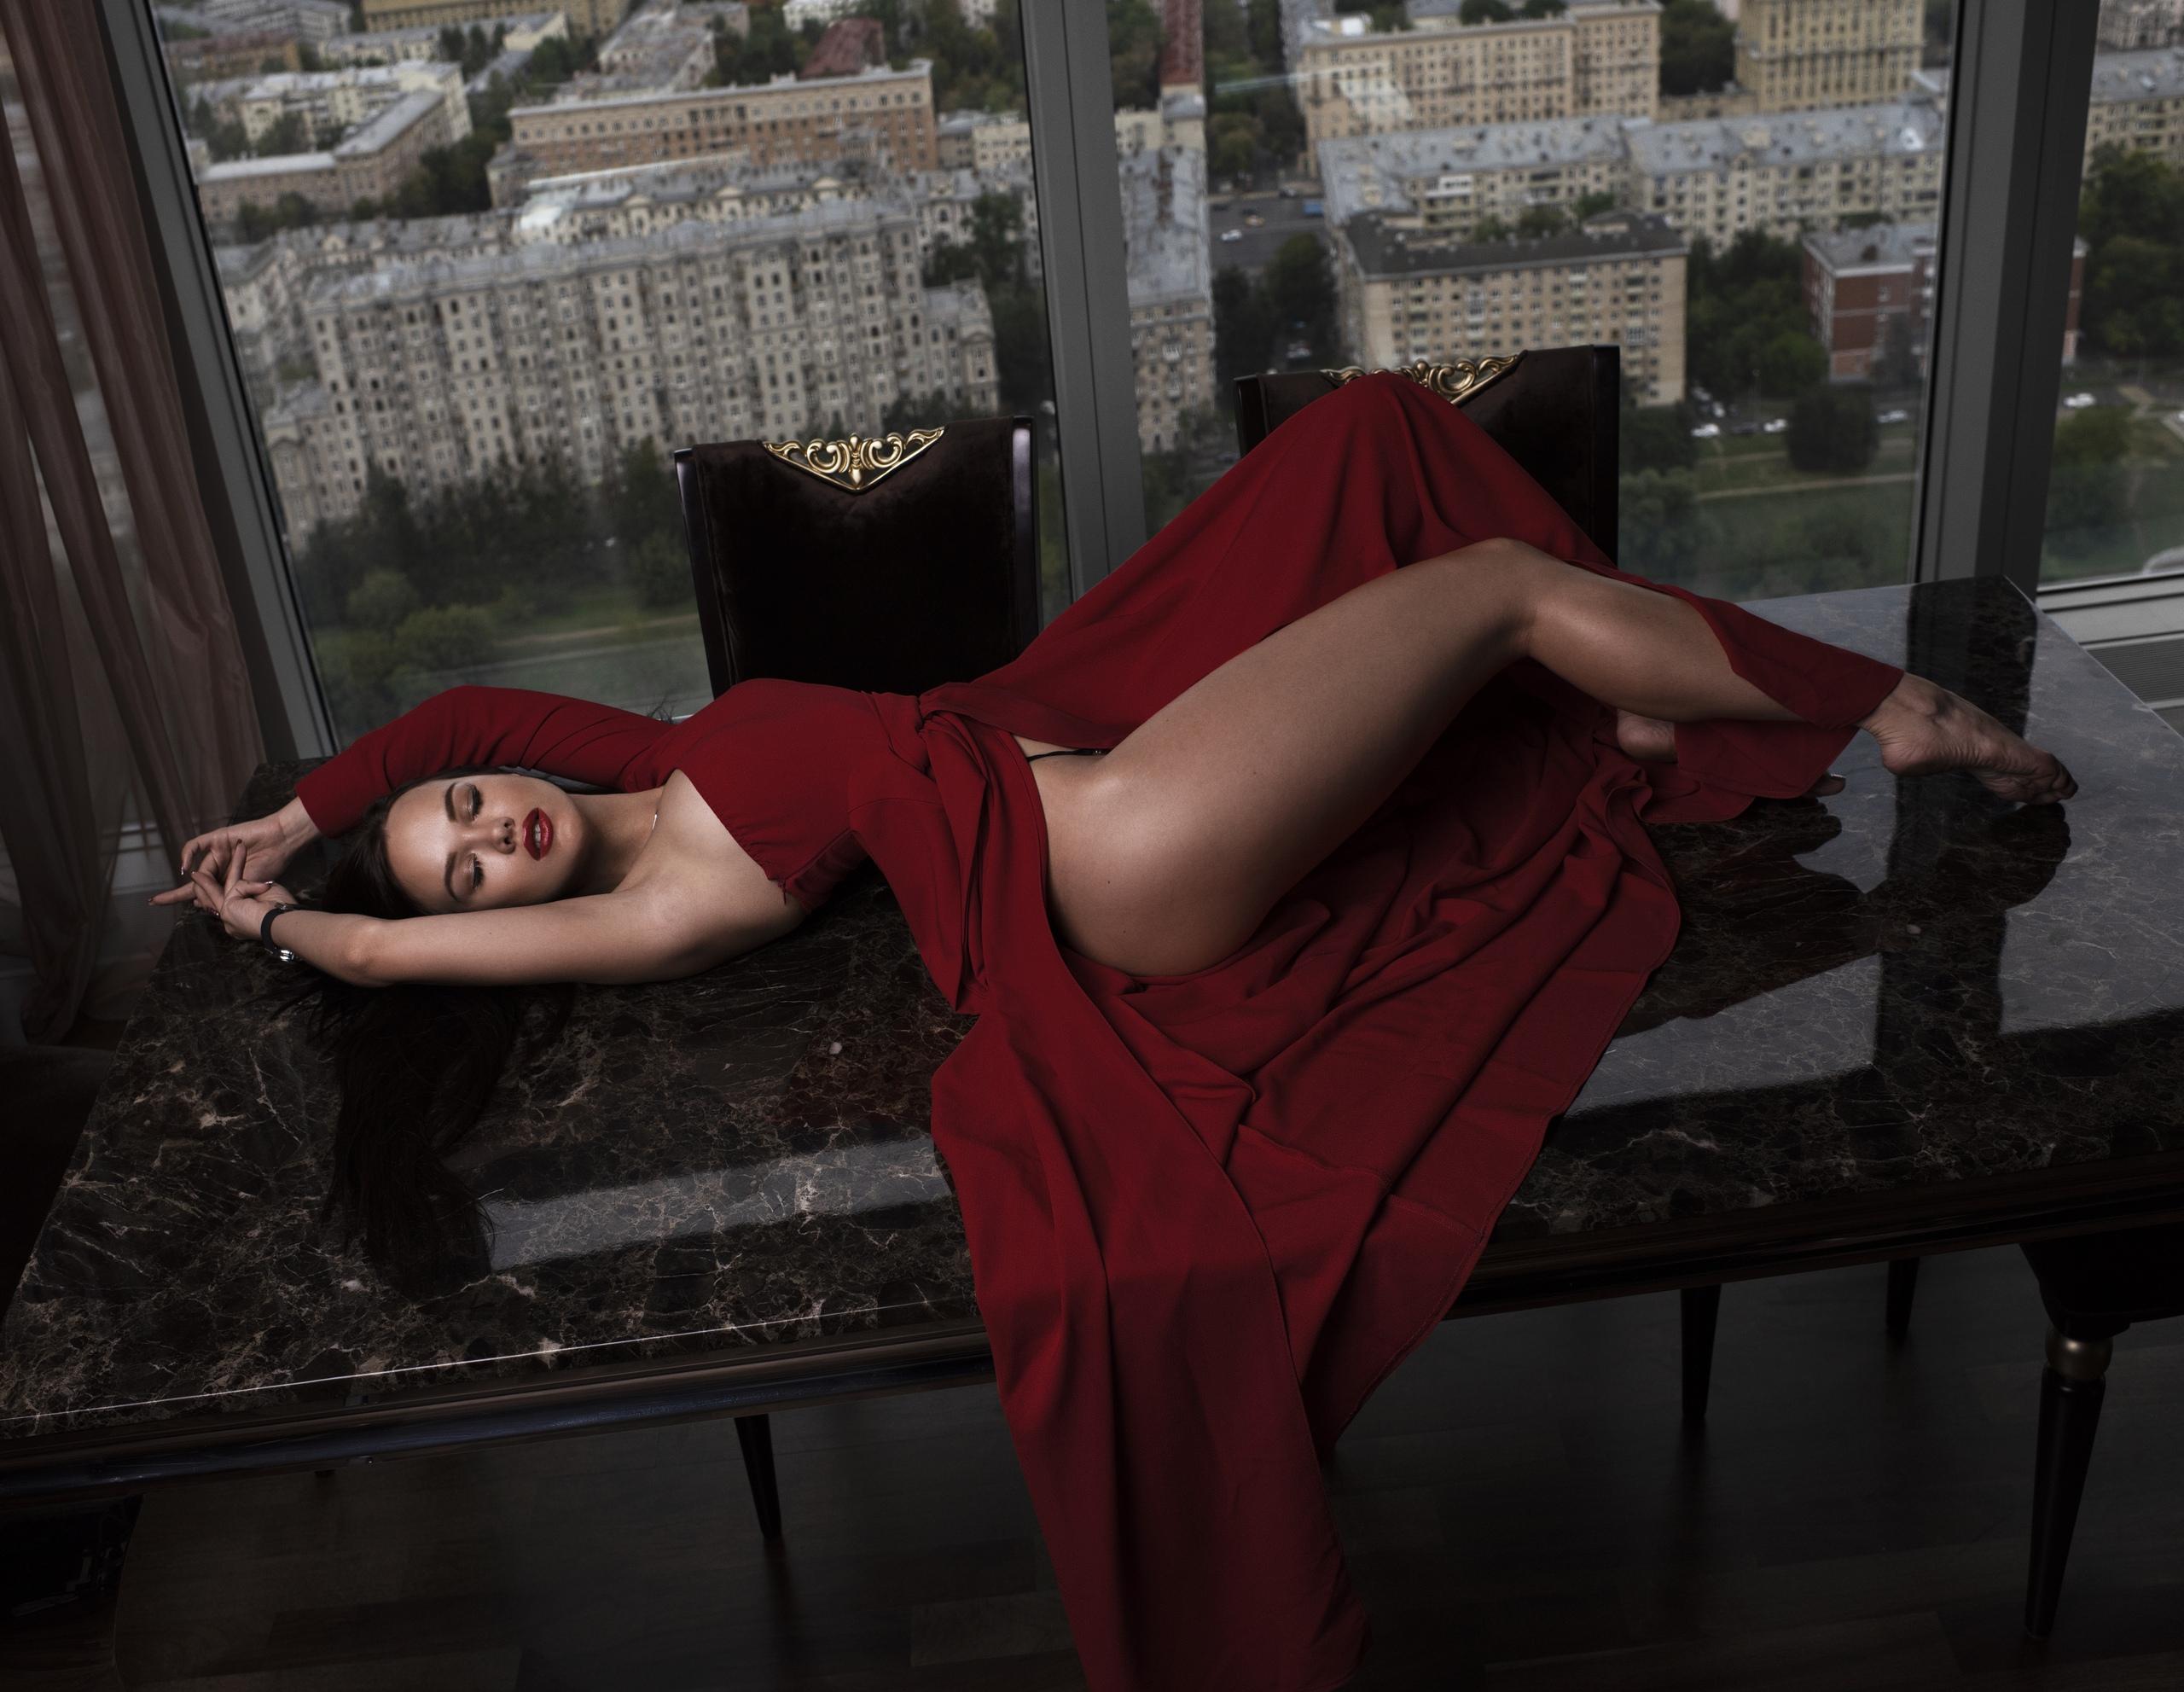 Менты порнуха смотреть онлайн внешность голой